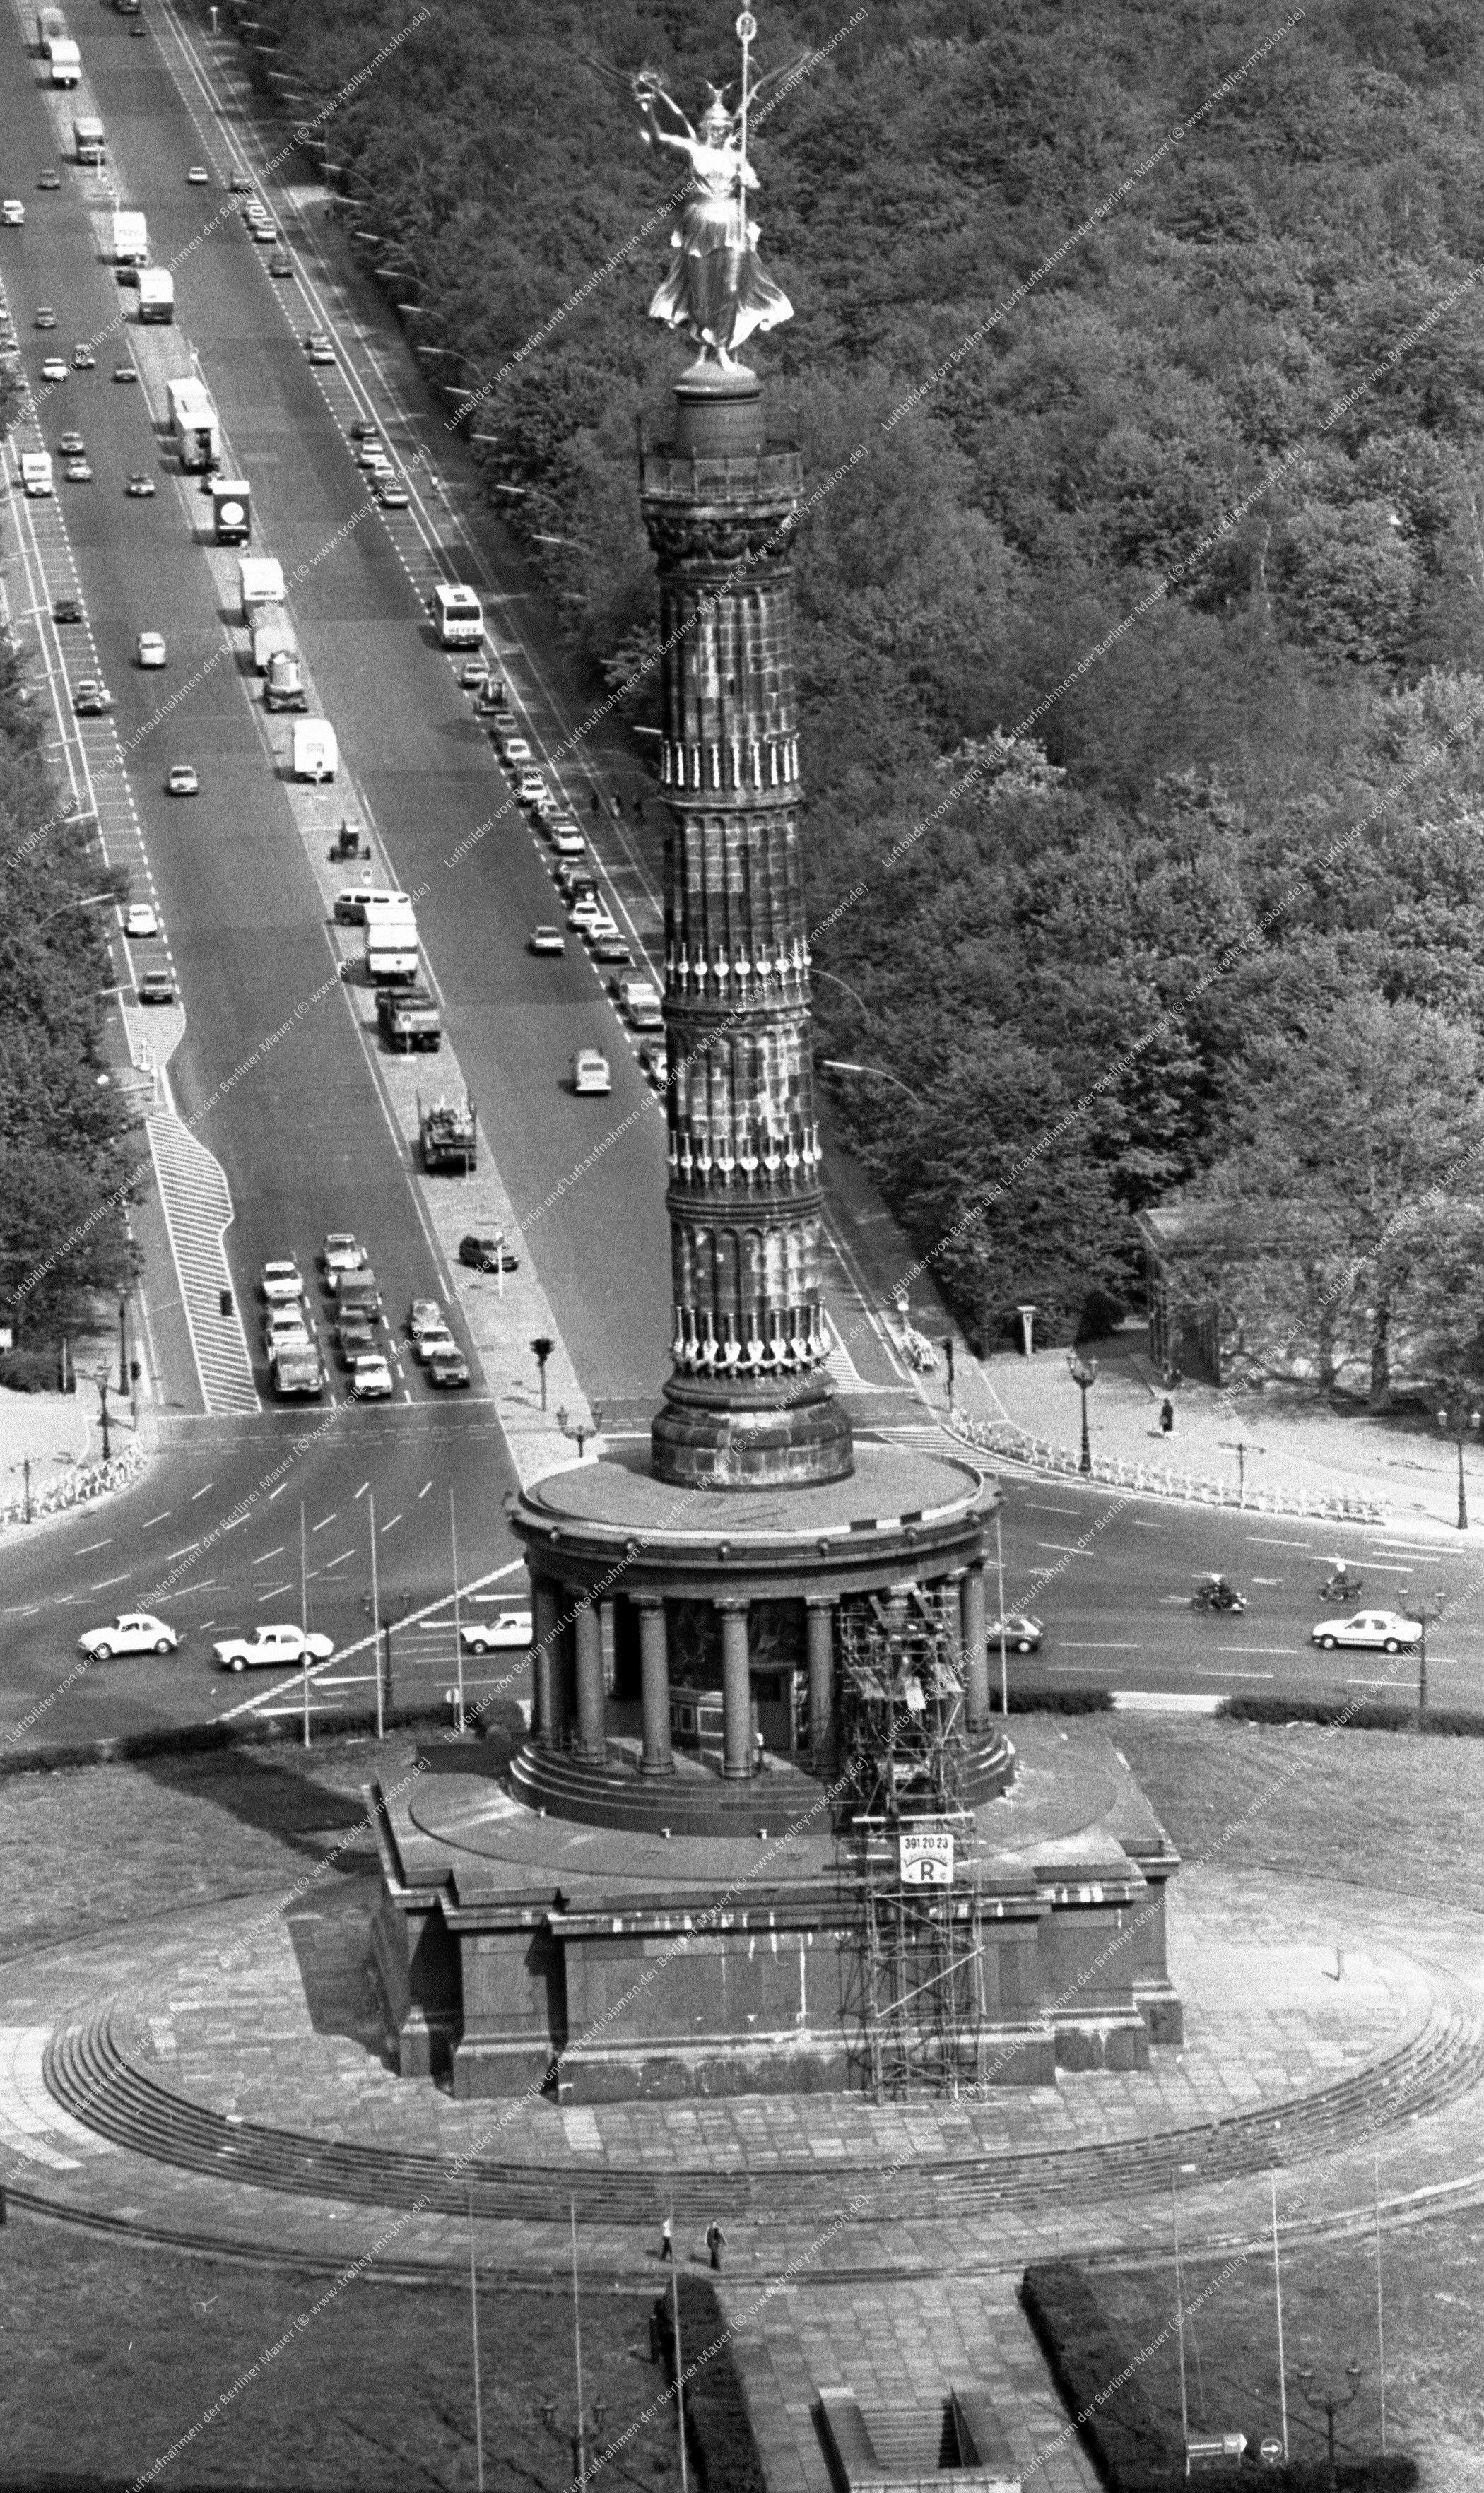 Berlin Luftbild Siegessäule am Großen Stern vom 12. Mai 1982 (Bild 054)